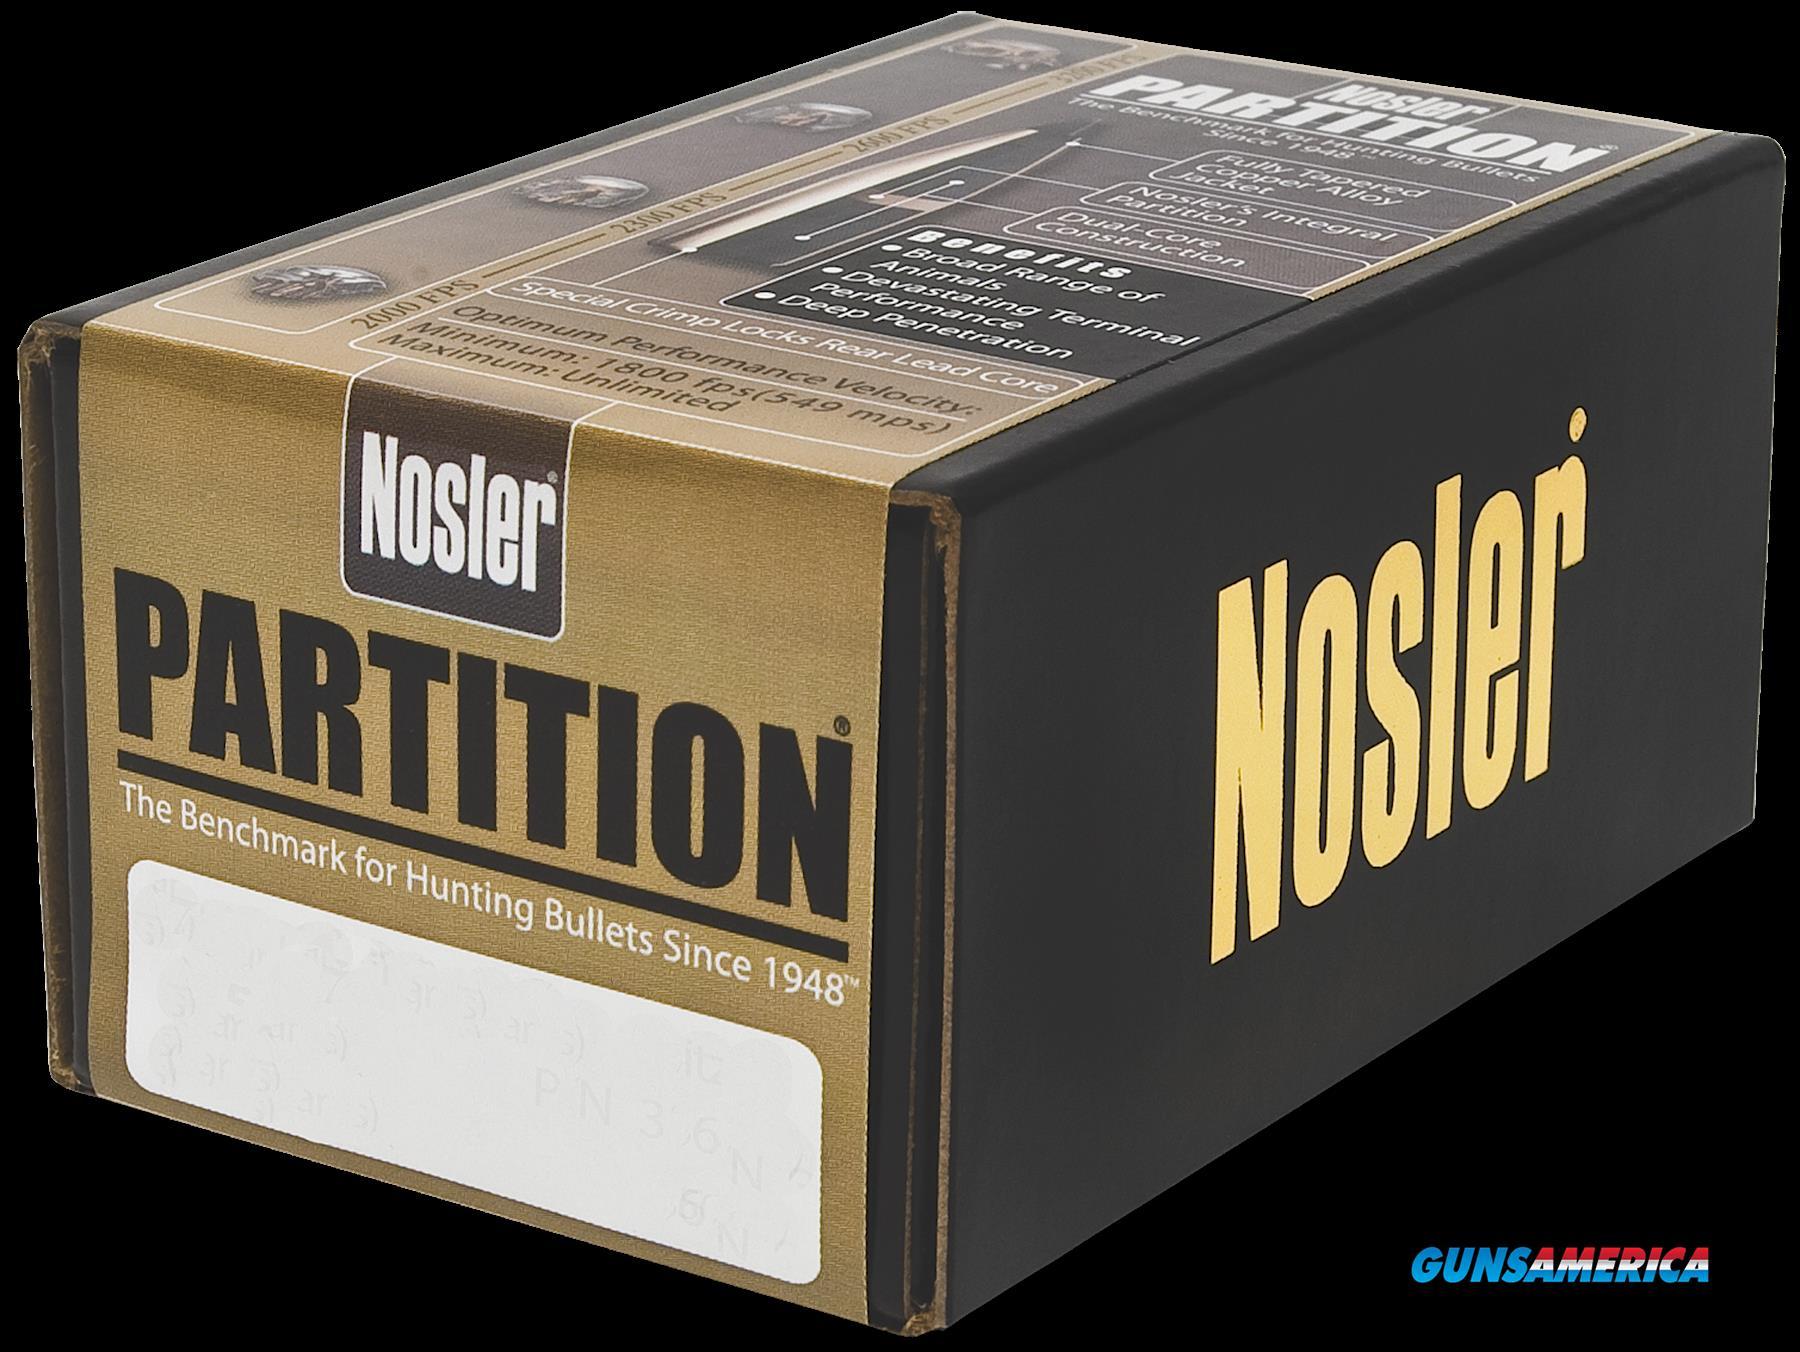 Nosler Partition, Nos 16318 Partition   25 115 Sptzr  50  Guns > Pistols > 1911 Pistol Copies (non-Colt)